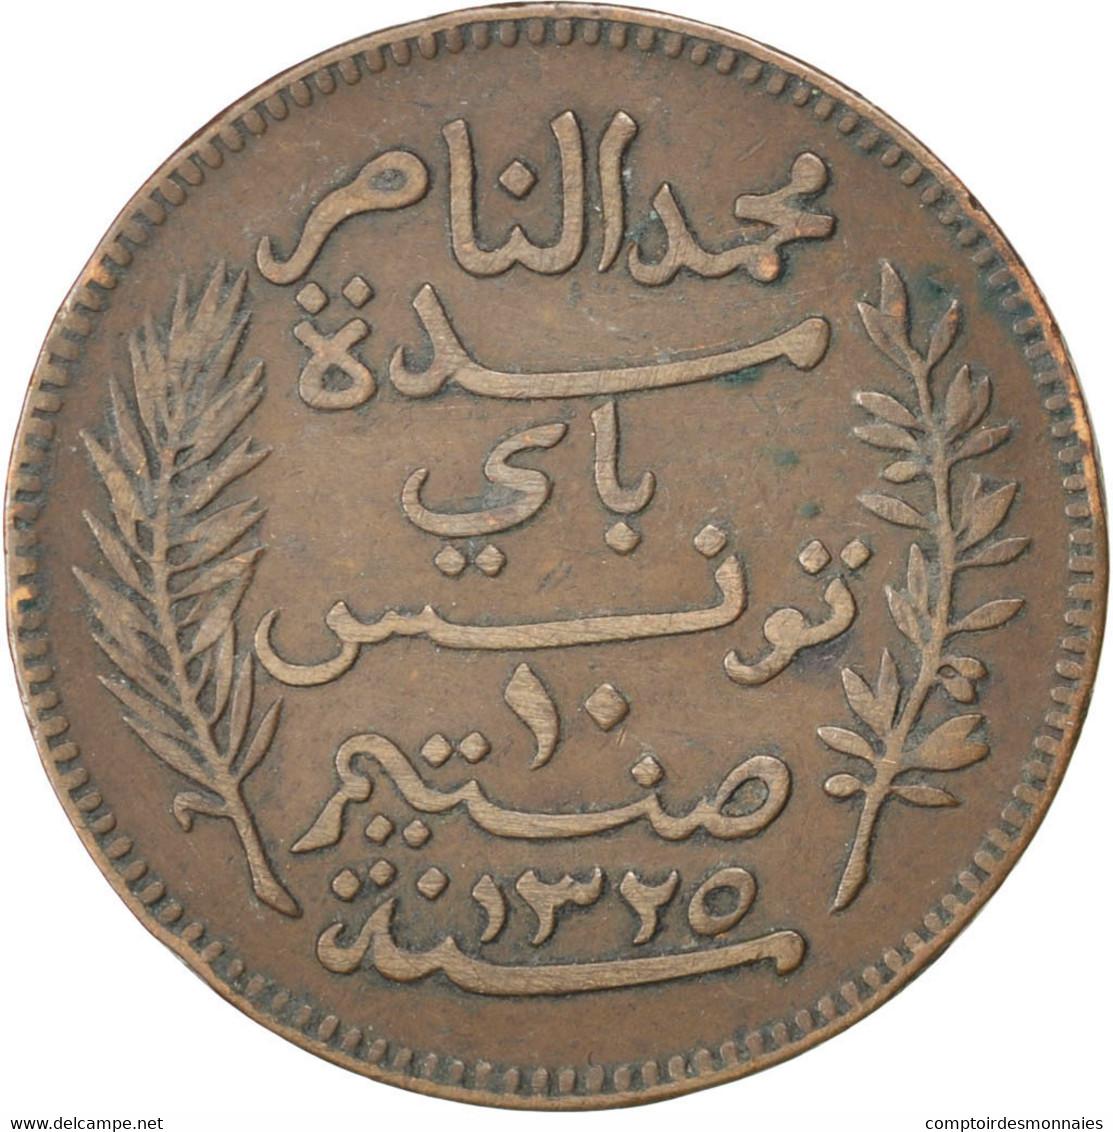 [#32763] Tunisie, Muhammad Al-Nasir Bey, 10 Centimes, 1907, KM 236 - Tunisie